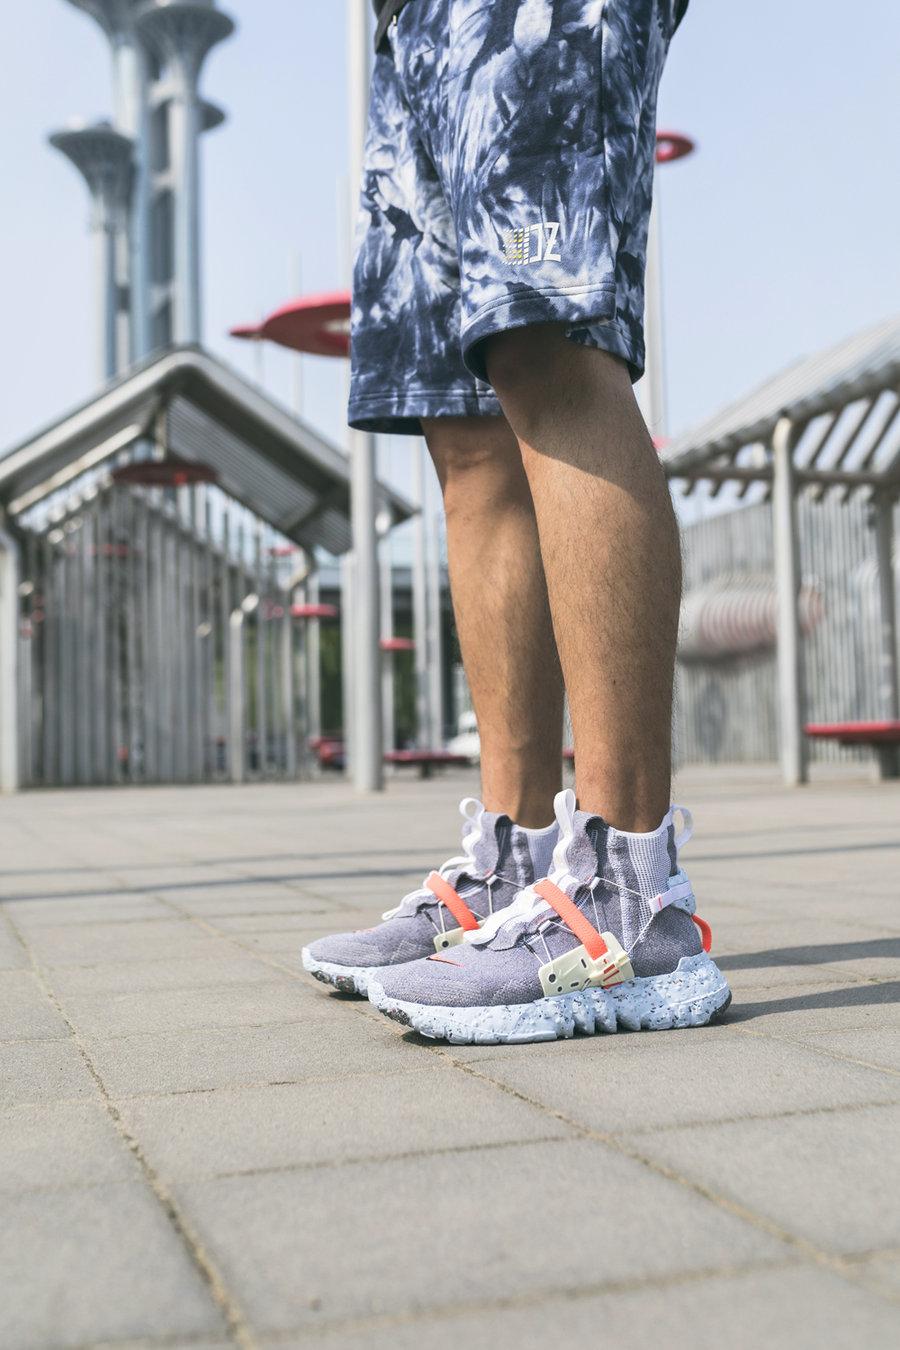 Nike,Space Hippie,Air VaporMax  邓紫棋、王一博都爱!Nike 终于把这双鞋做出来了!每天出门只想穿它!